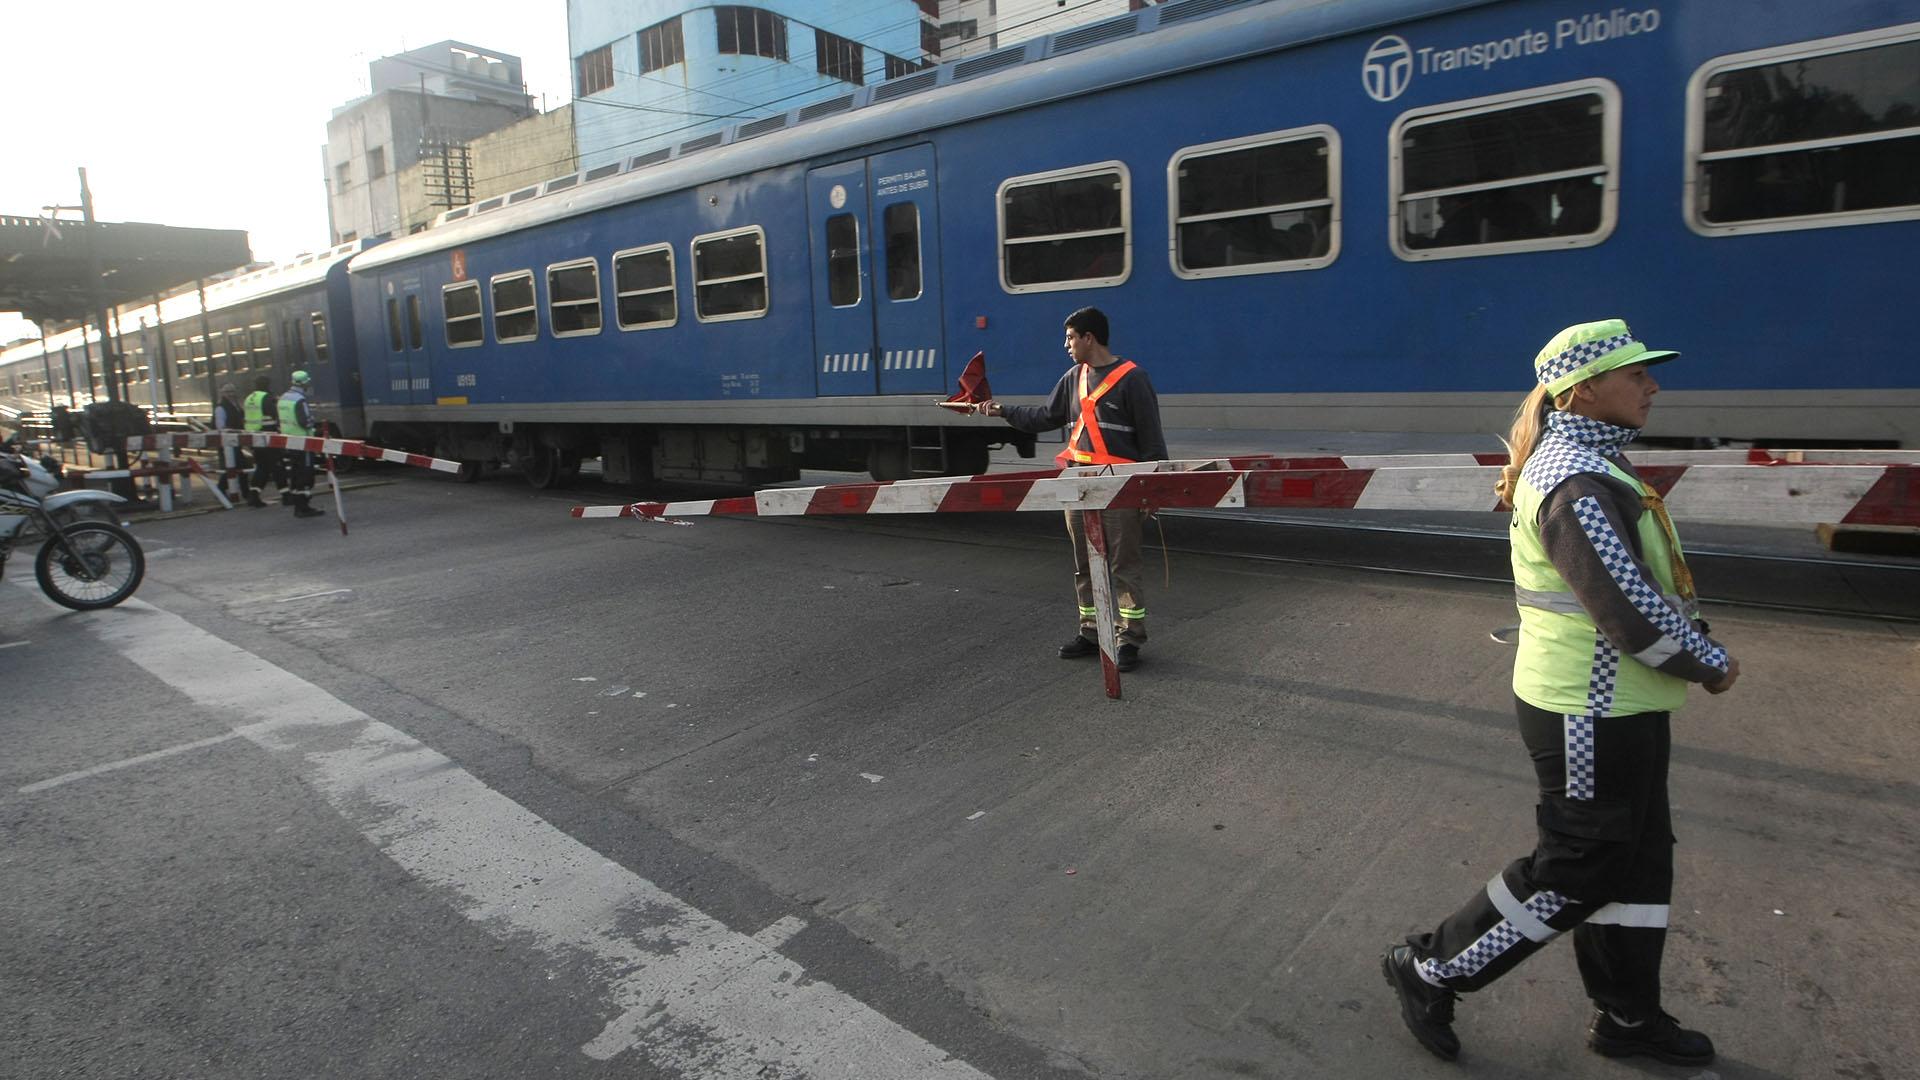 Otra vez un corte del cable de señalamiento en el trayecto de la línea del ferrocarril San Martín generó demoras en los pasos a nivel. Como consecuencia del desperfecto fueron afectadas las barreras de Cabrera y Honduras, y se provocó un caos de tránsito